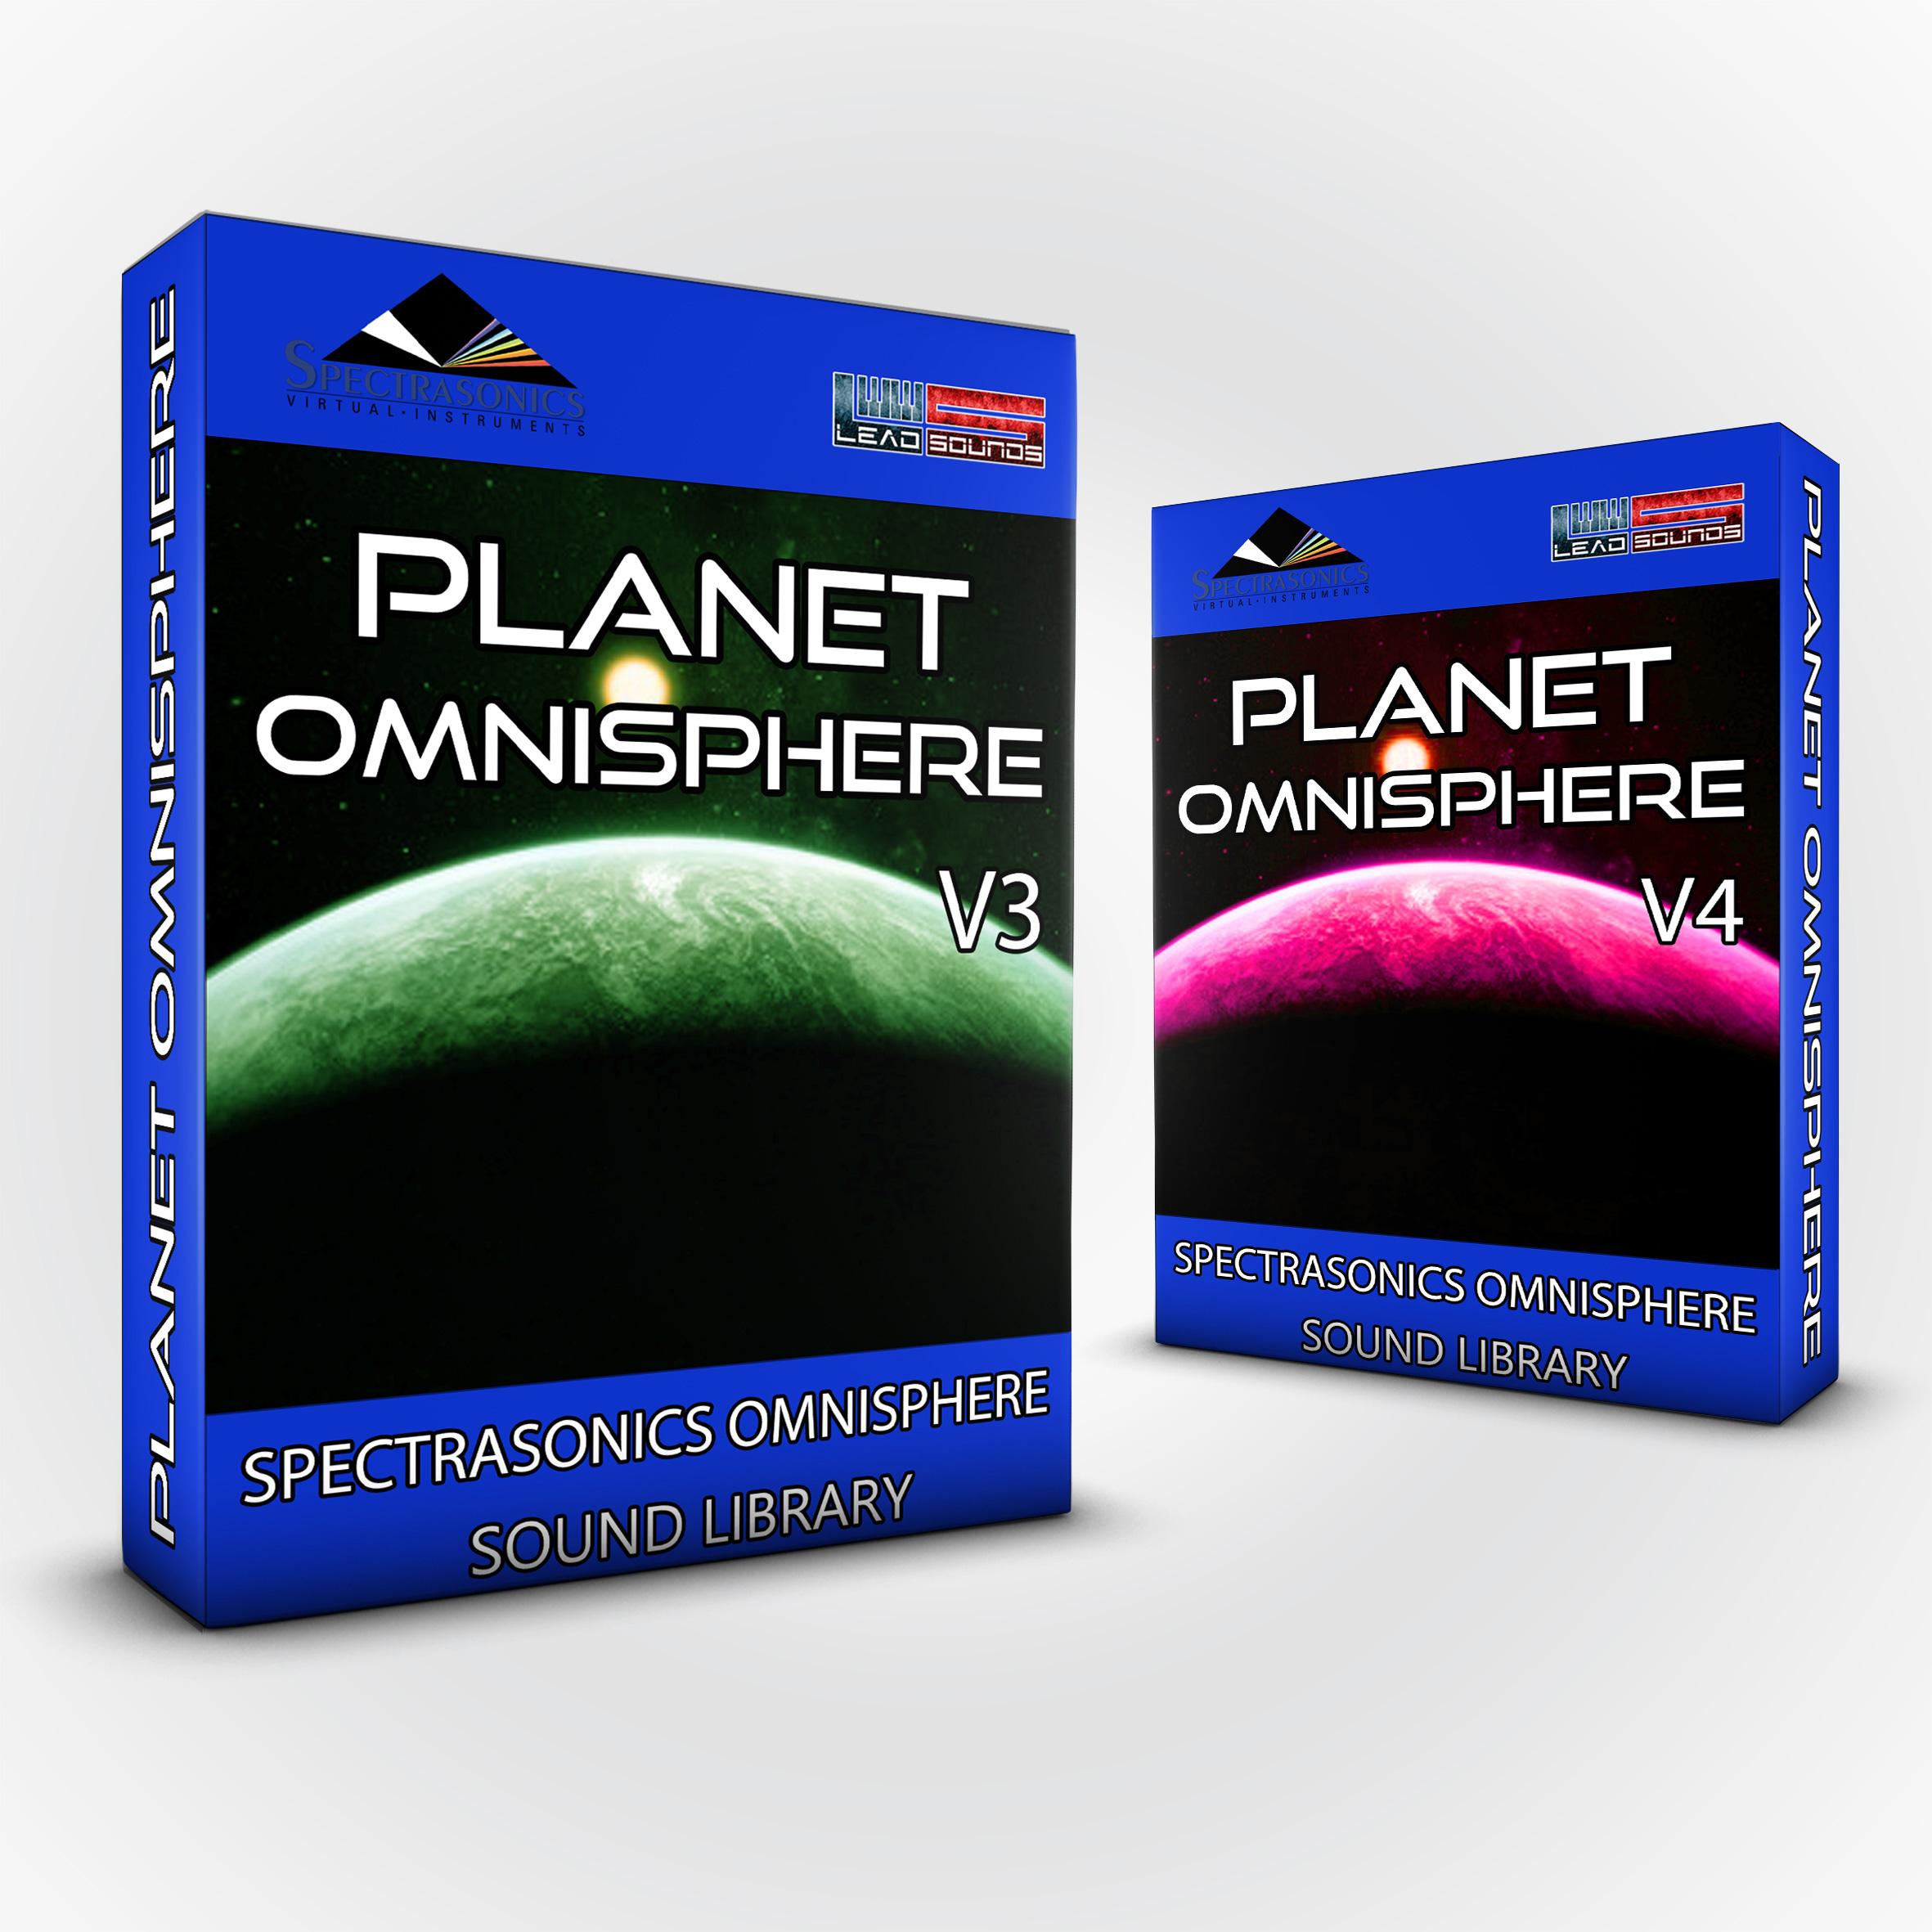 SCL99 - ( Bundle ) Planet Omnisphere Vol.3 + Vol.4 - Spectrasonics Omnisphere